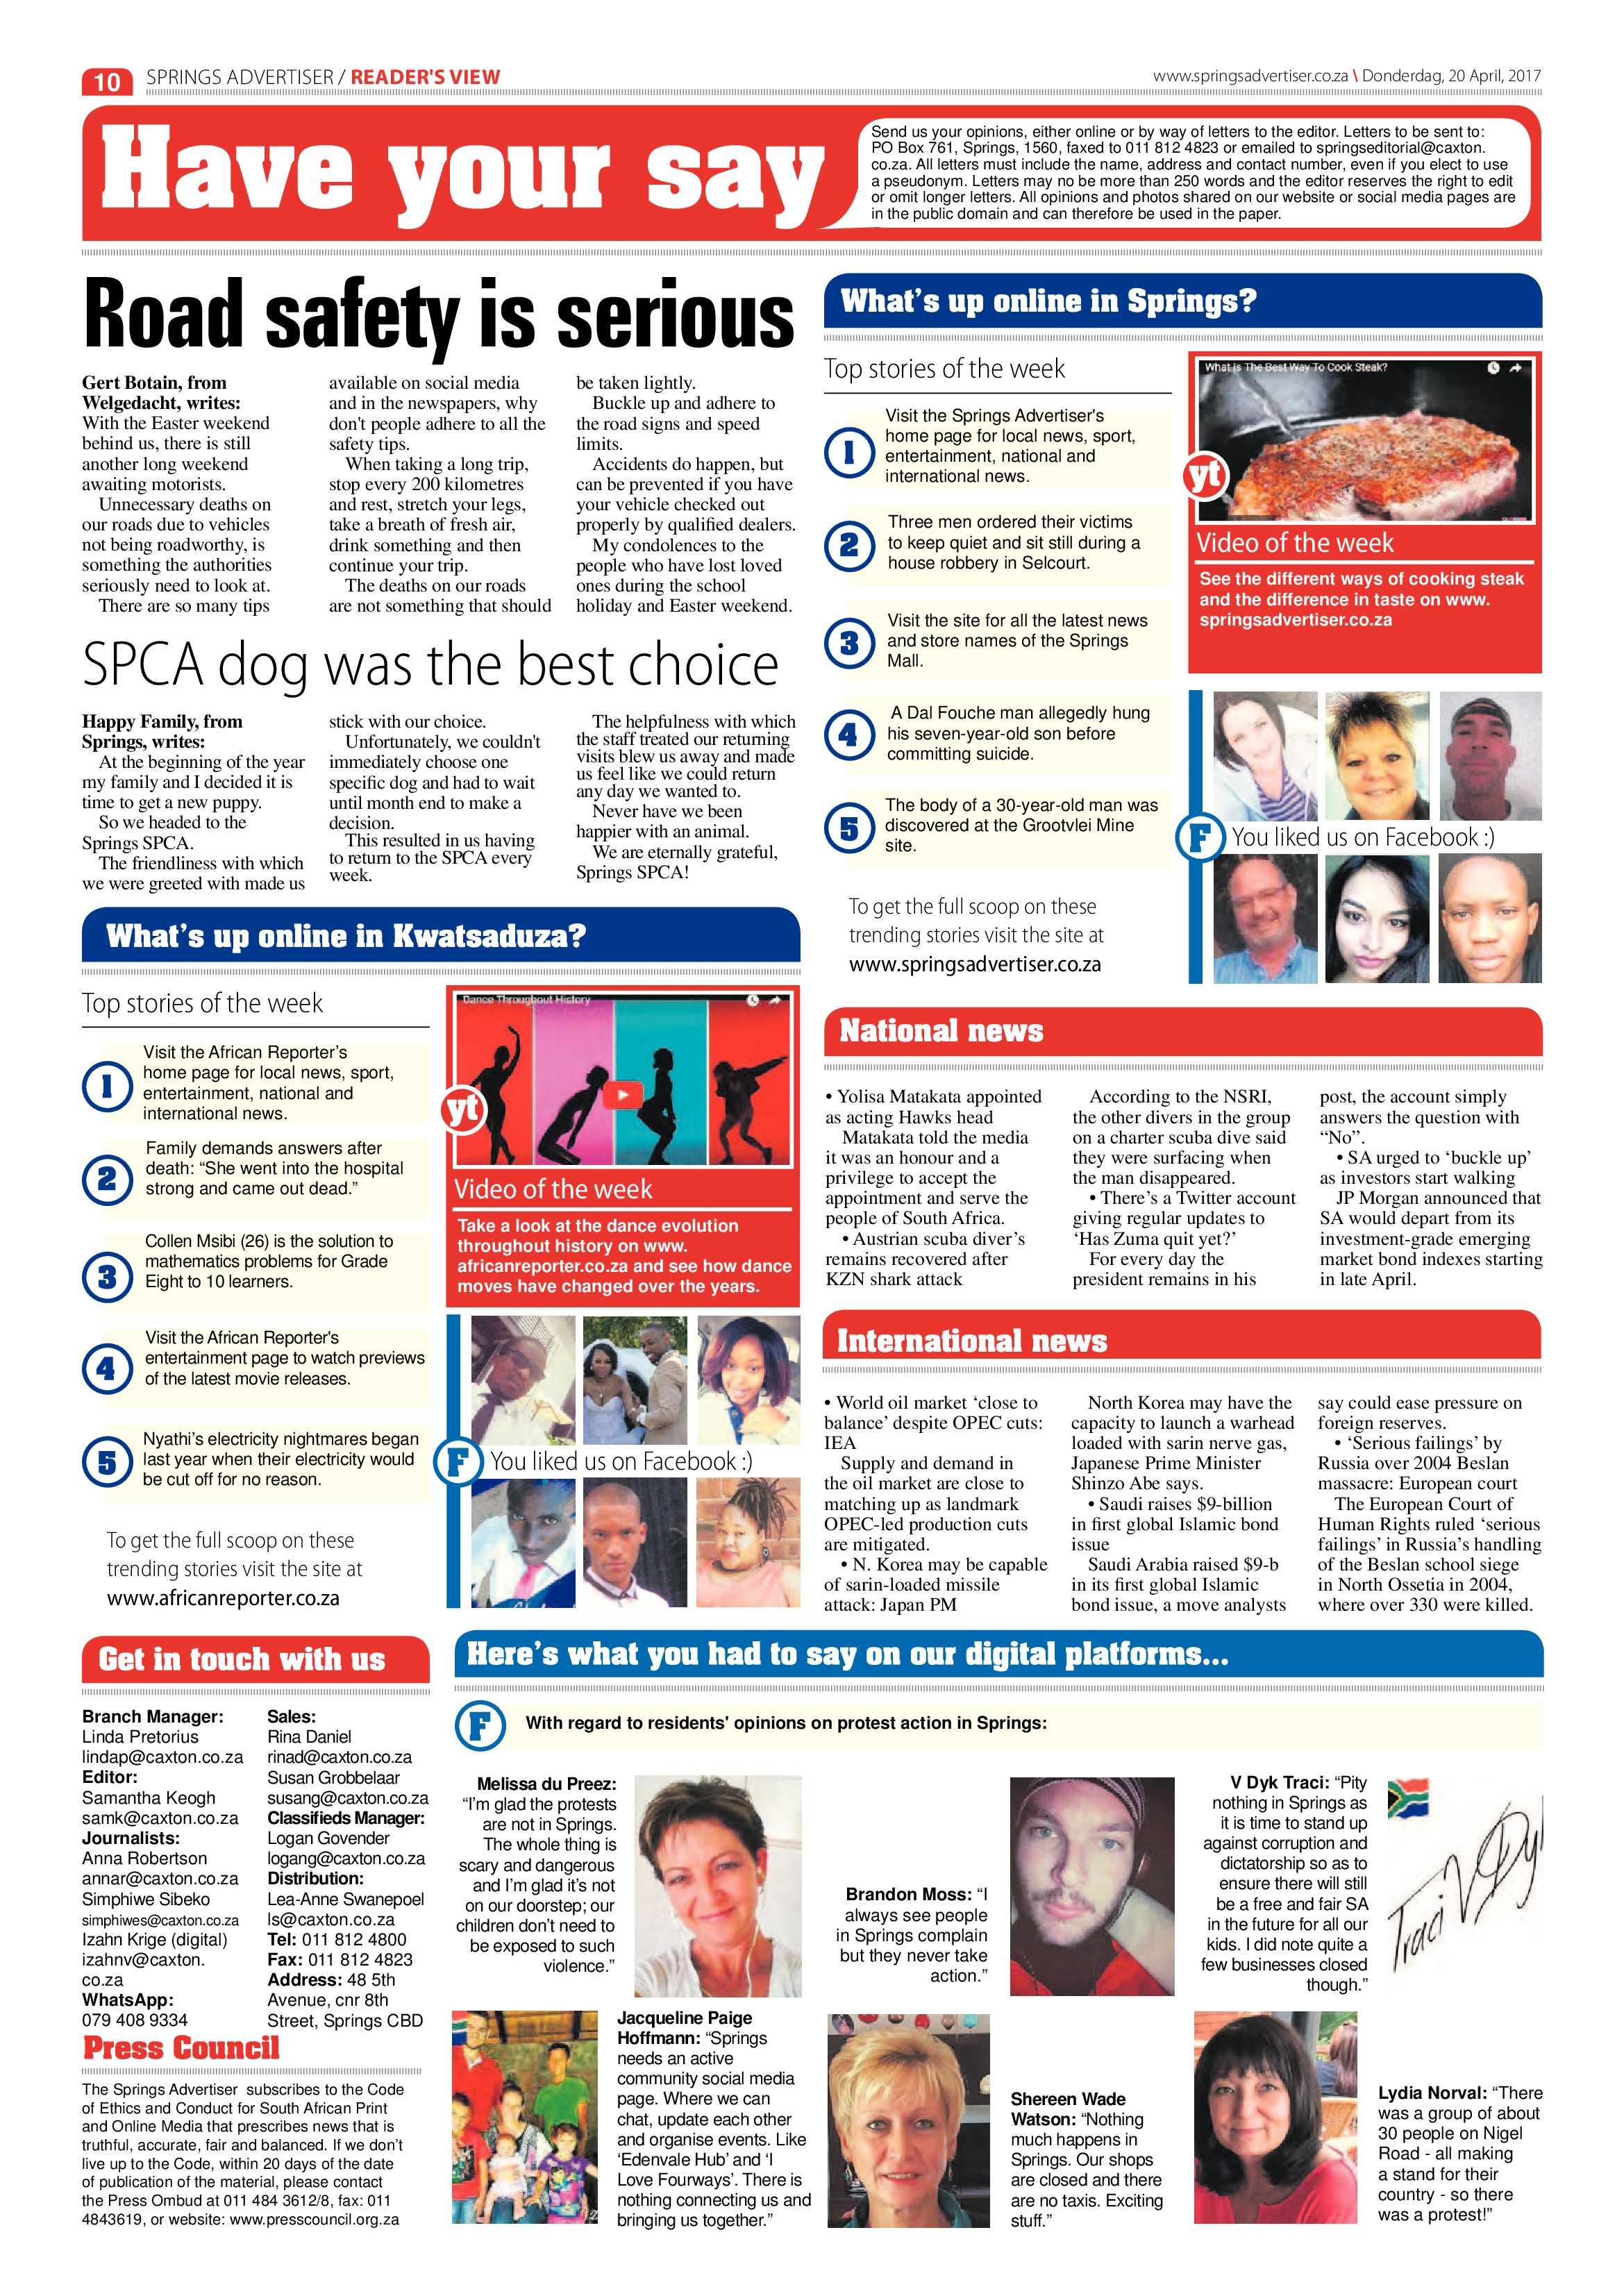 springs-advertiser-2-april-2017-epapers-page-10